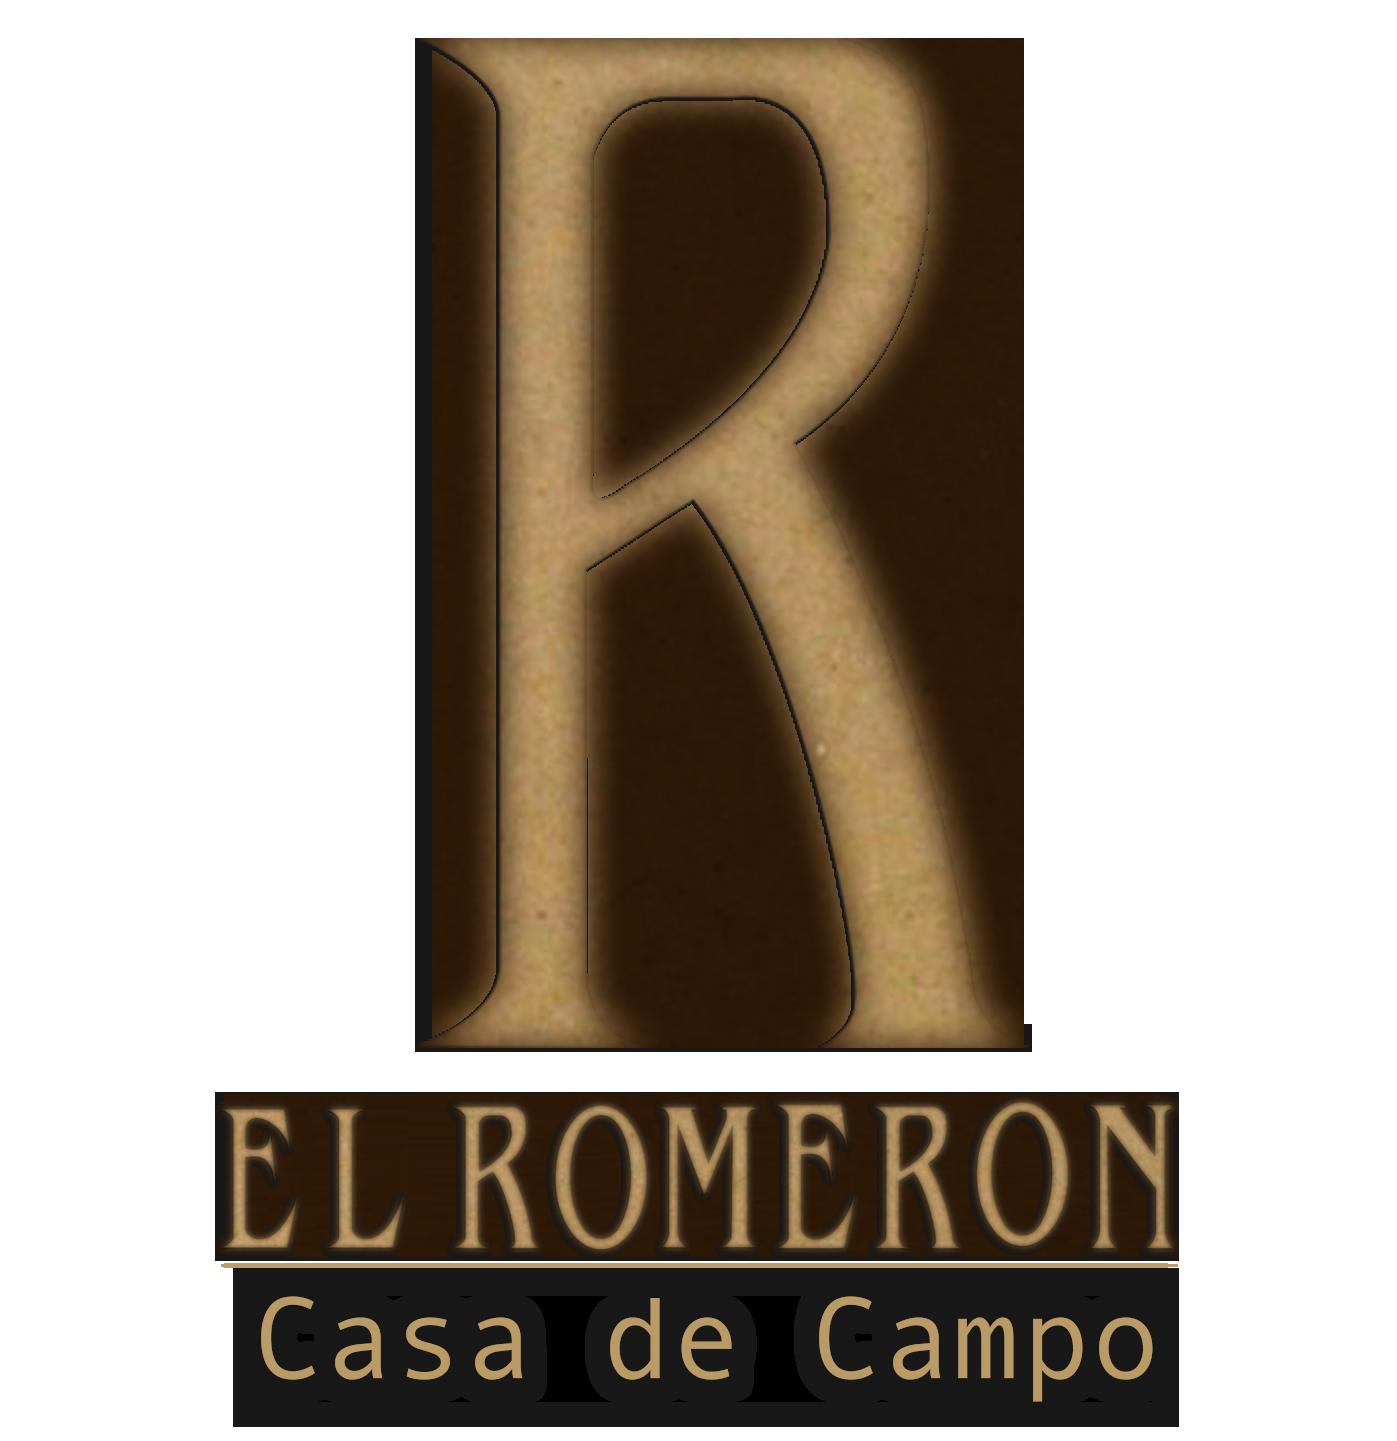 El Romerón